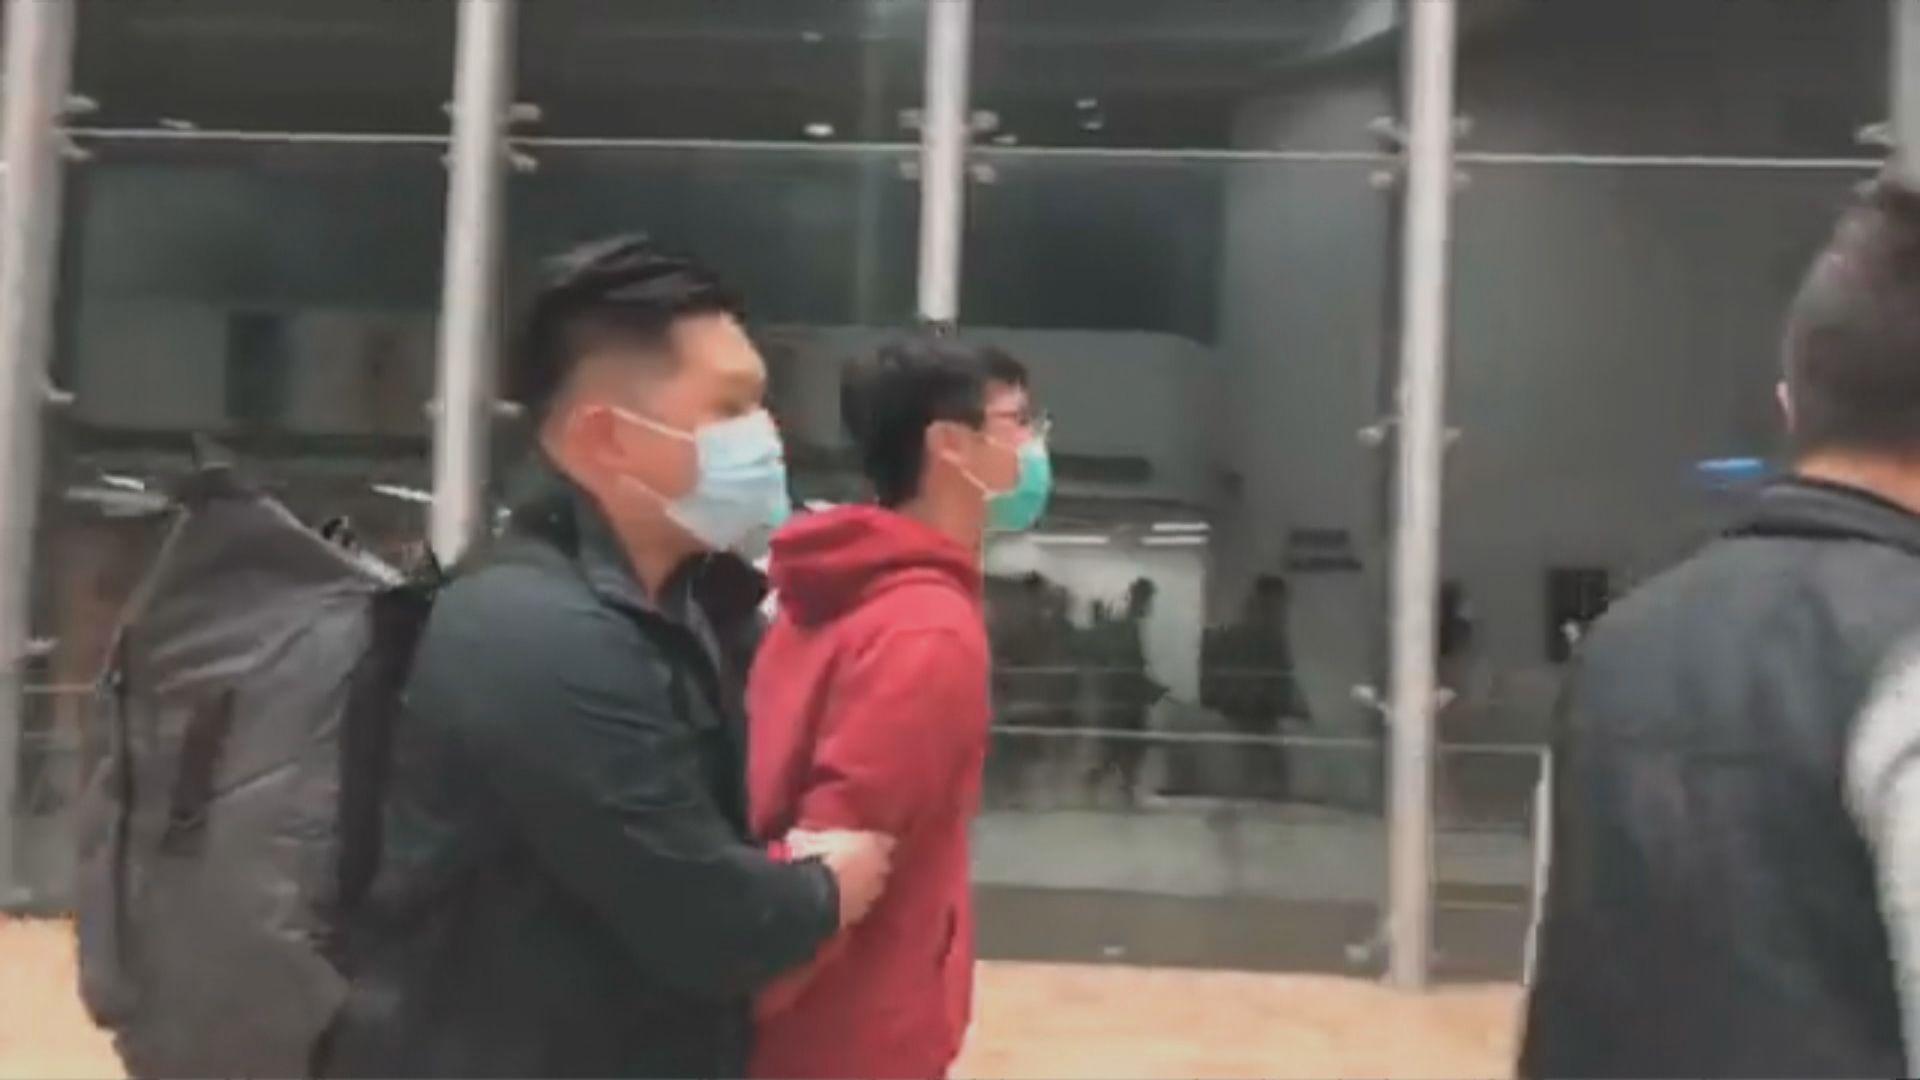 警方拘捕三名中大學生並進入校園搜證